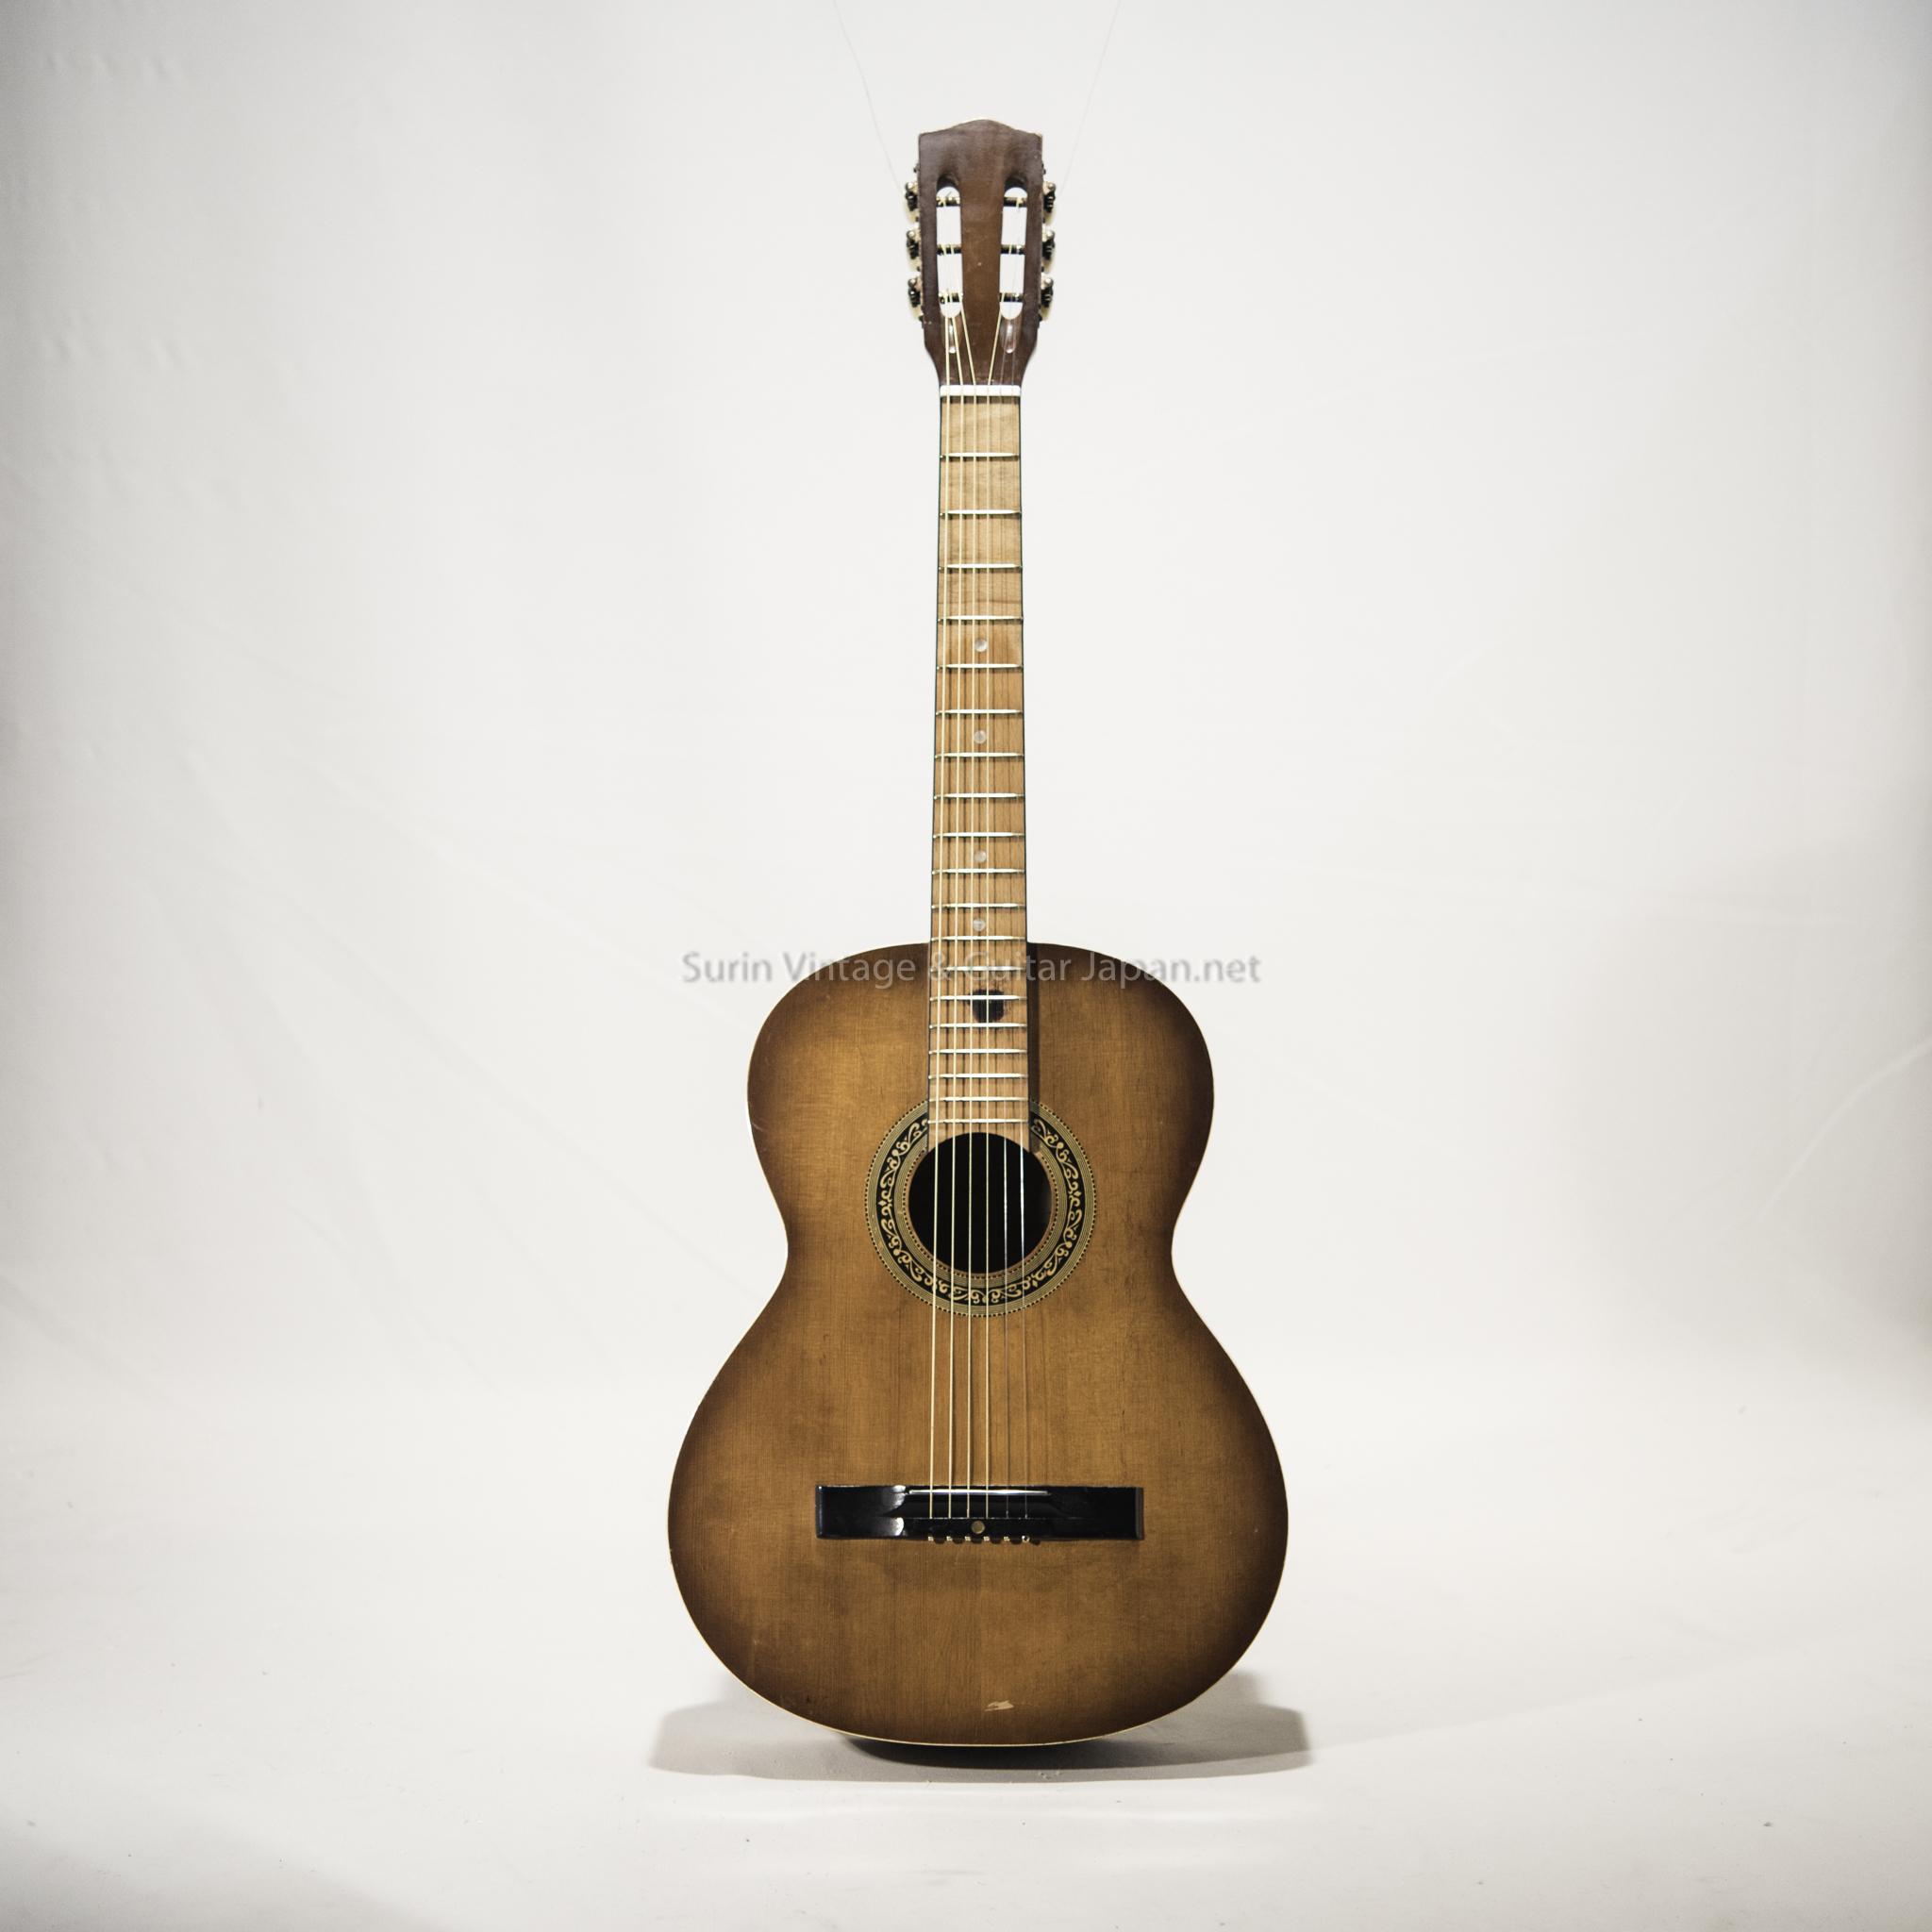 กีต้าร์คลาสสิคมือสอง Kyodo Guitar No.352